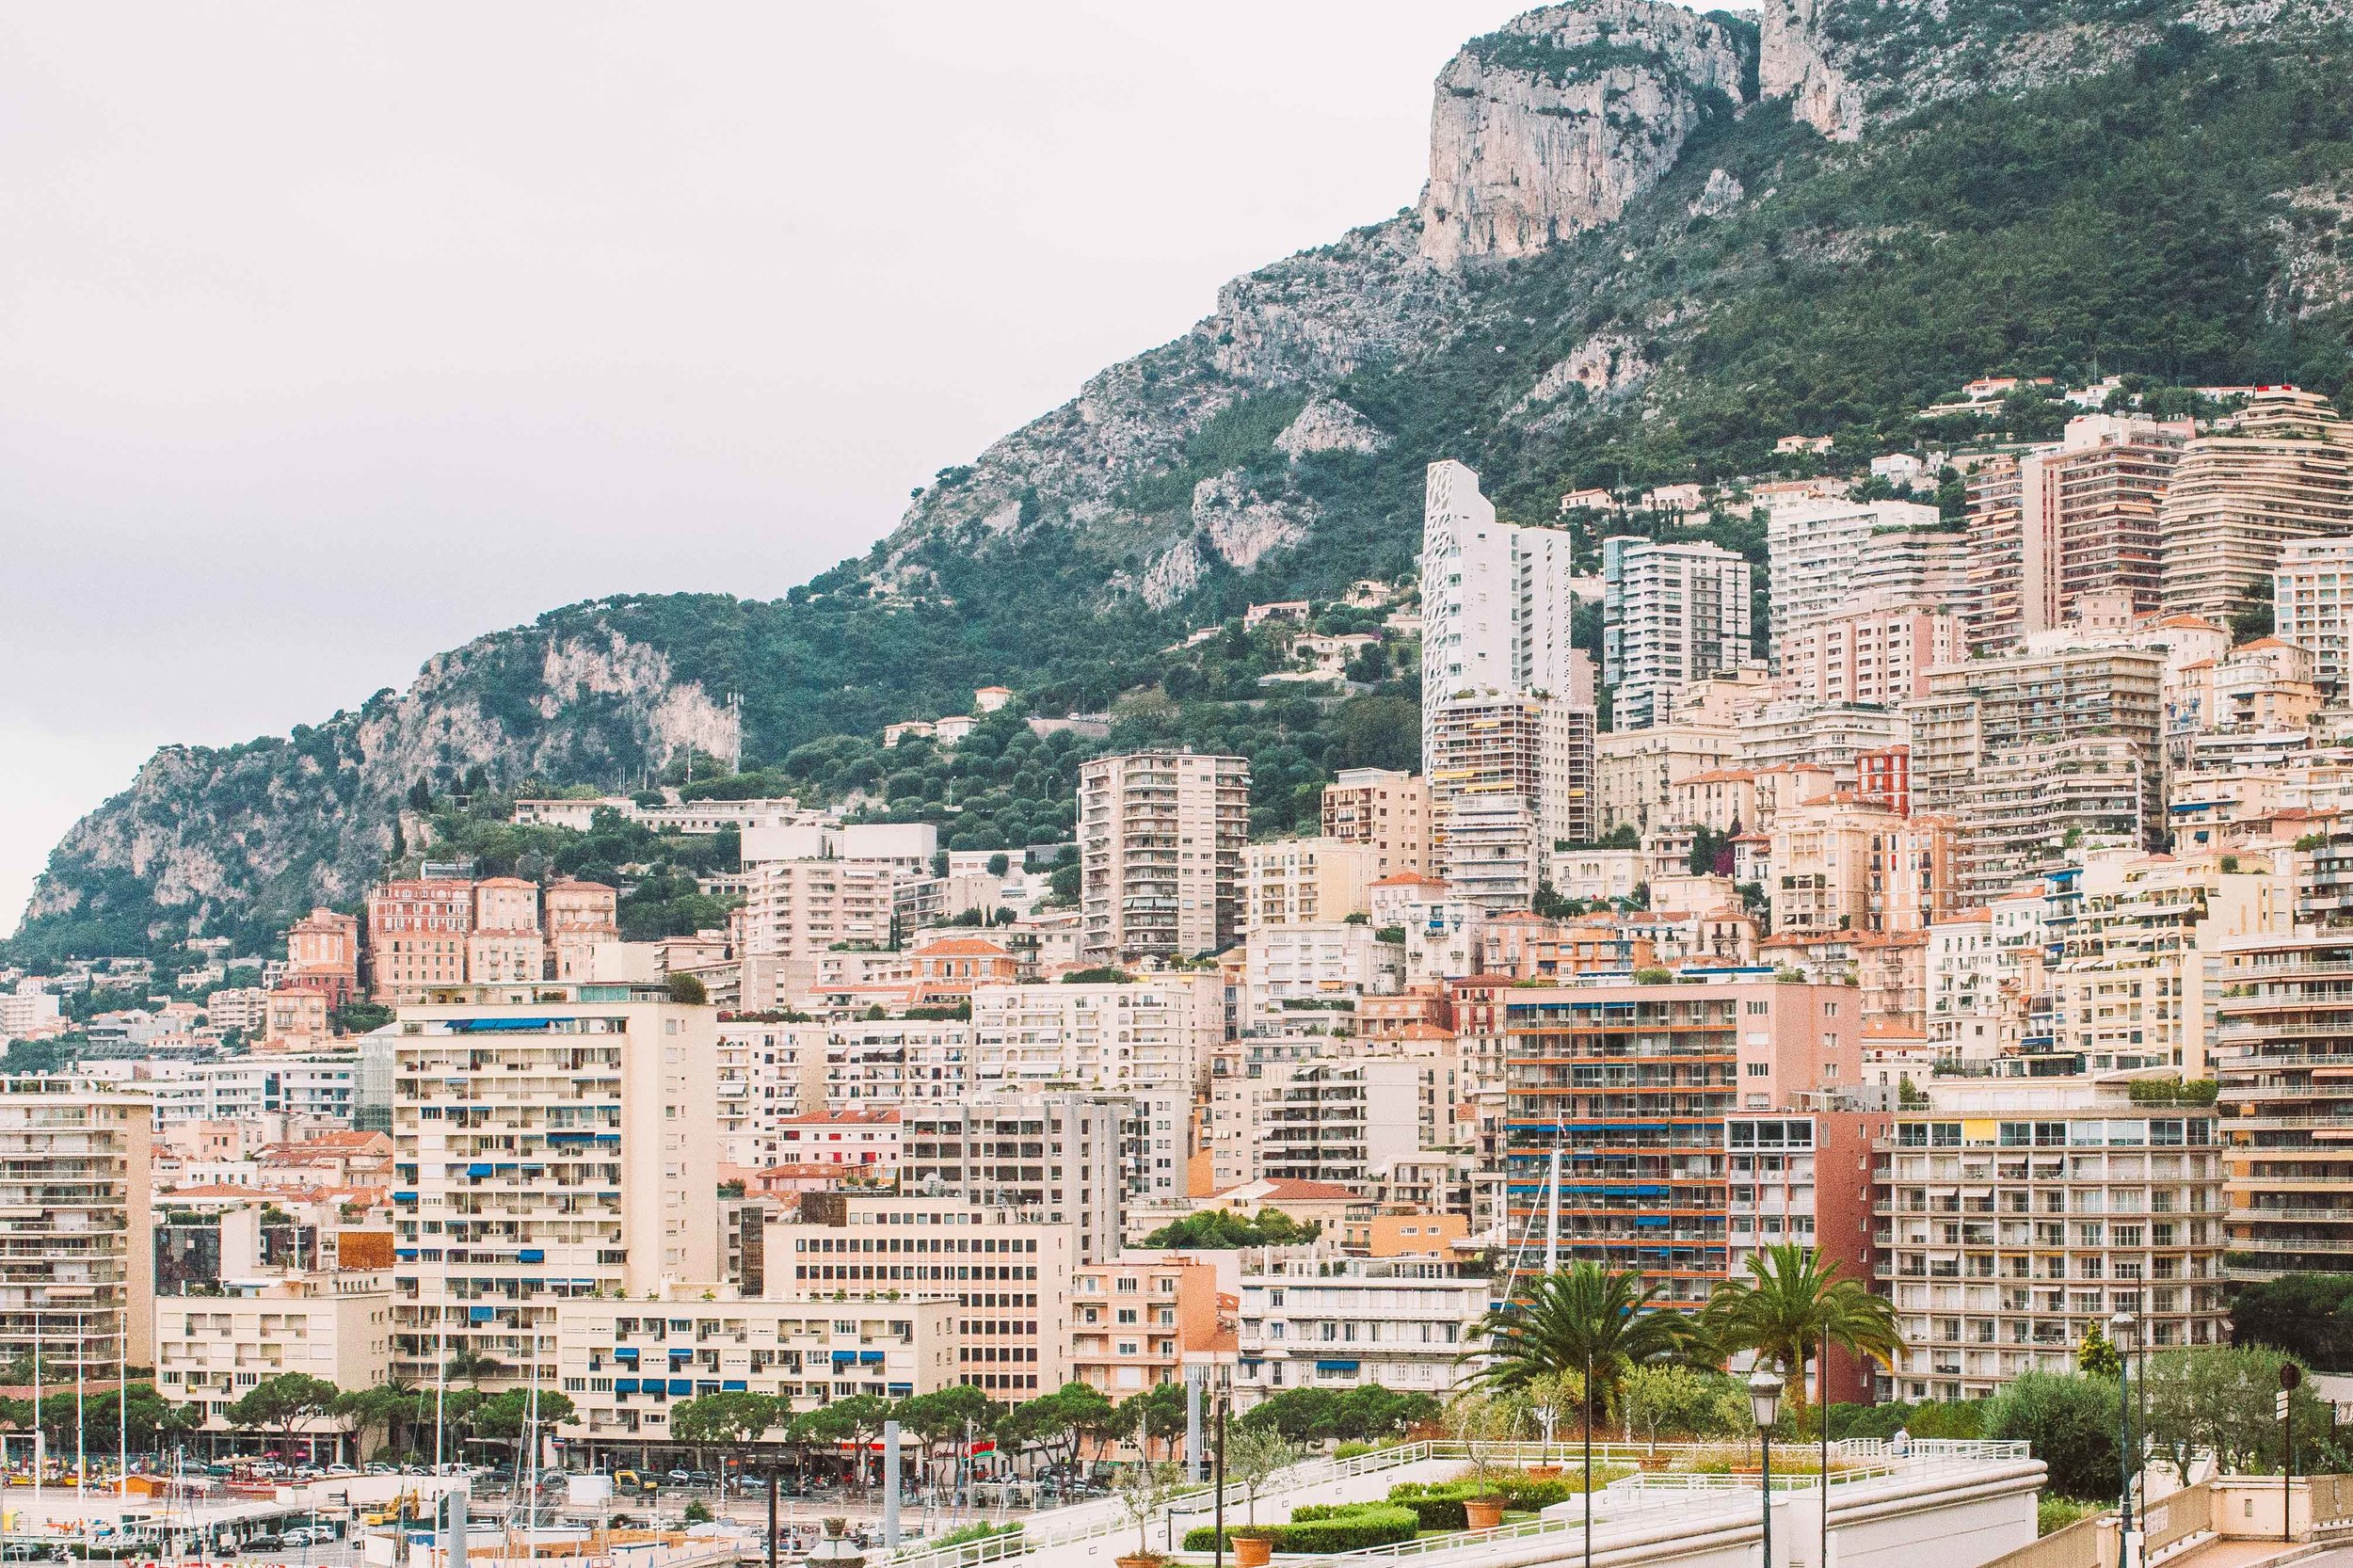 Hilltop Monte Carlo